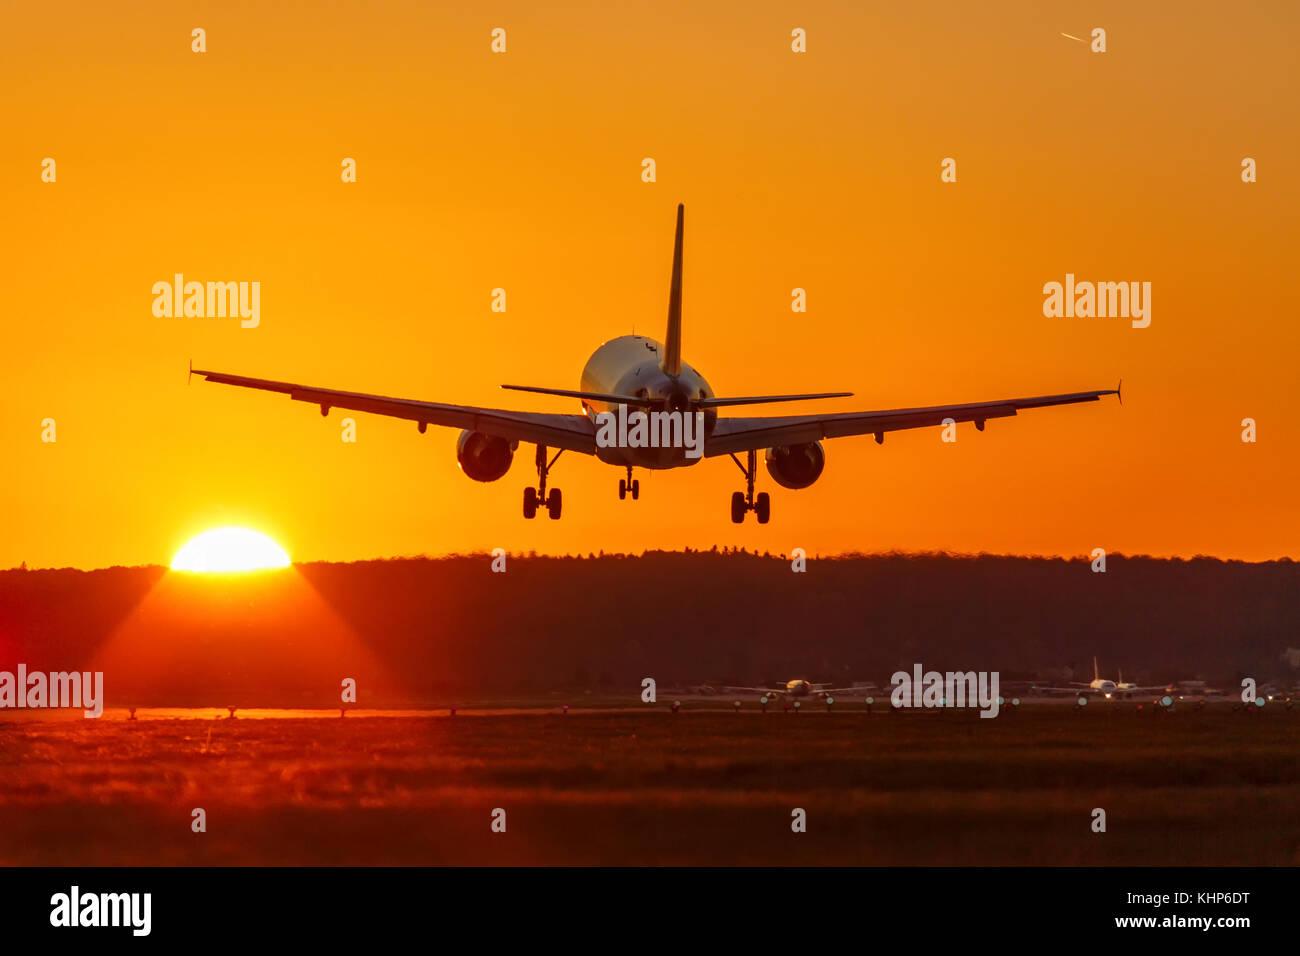 L'atterrissage de l'avion de l'aéroport de vol soleil coucher locations de vacances billet d'avion Photo Stock